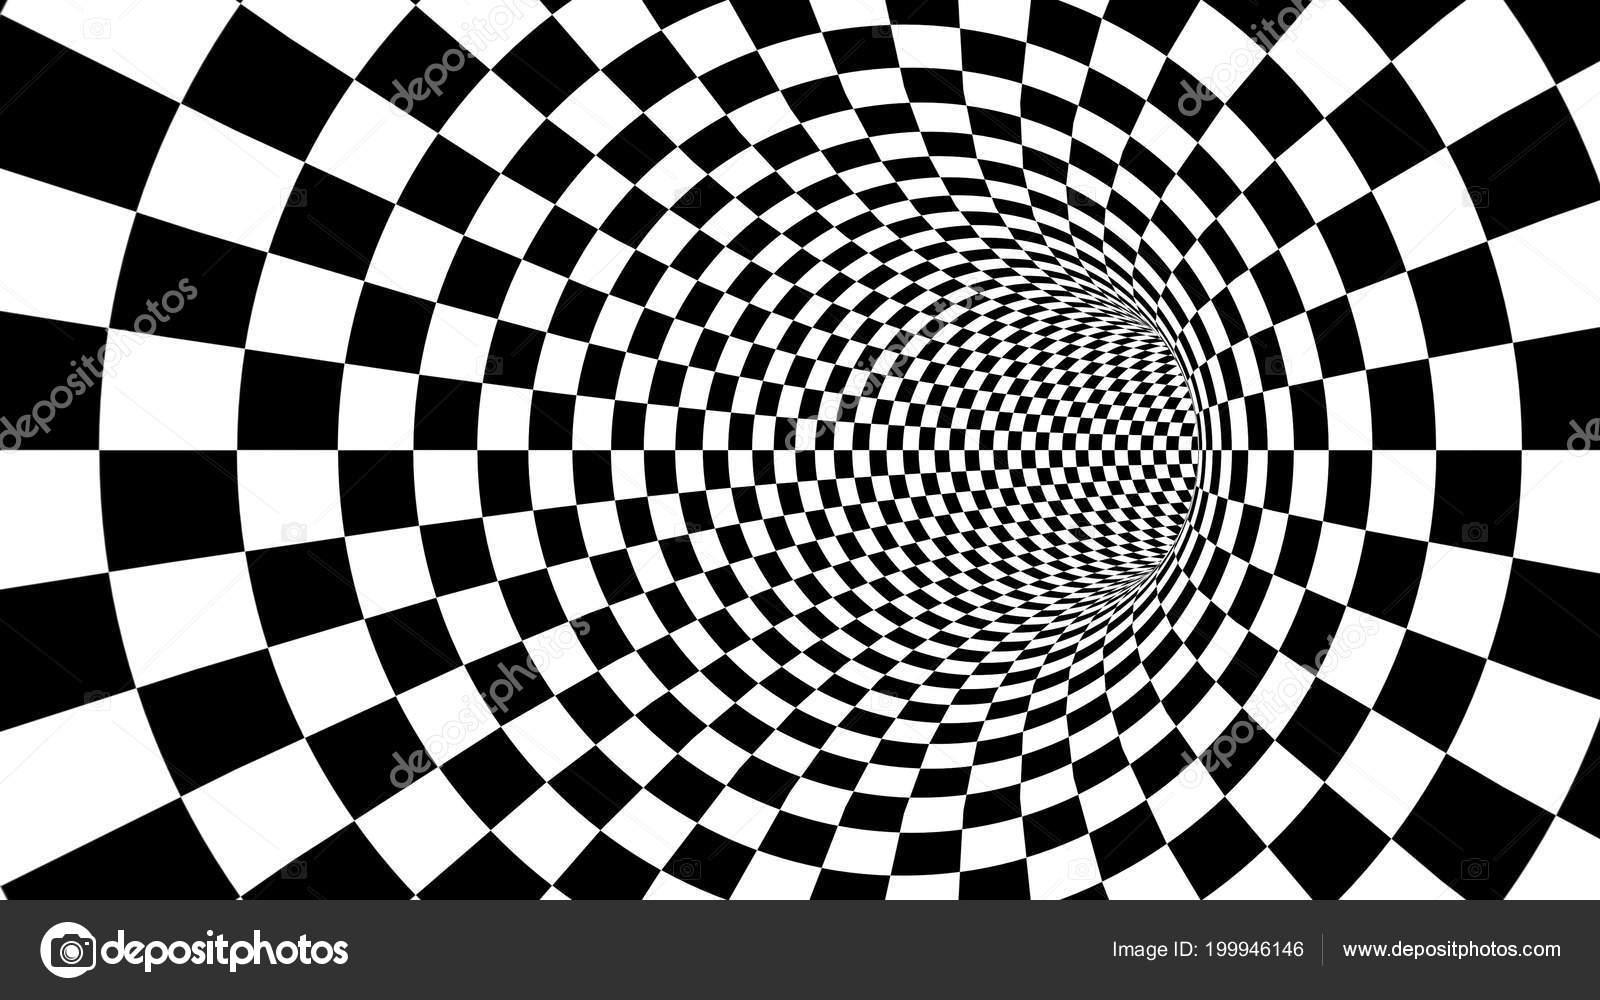 Mesmerizing illustration optical illusion created black